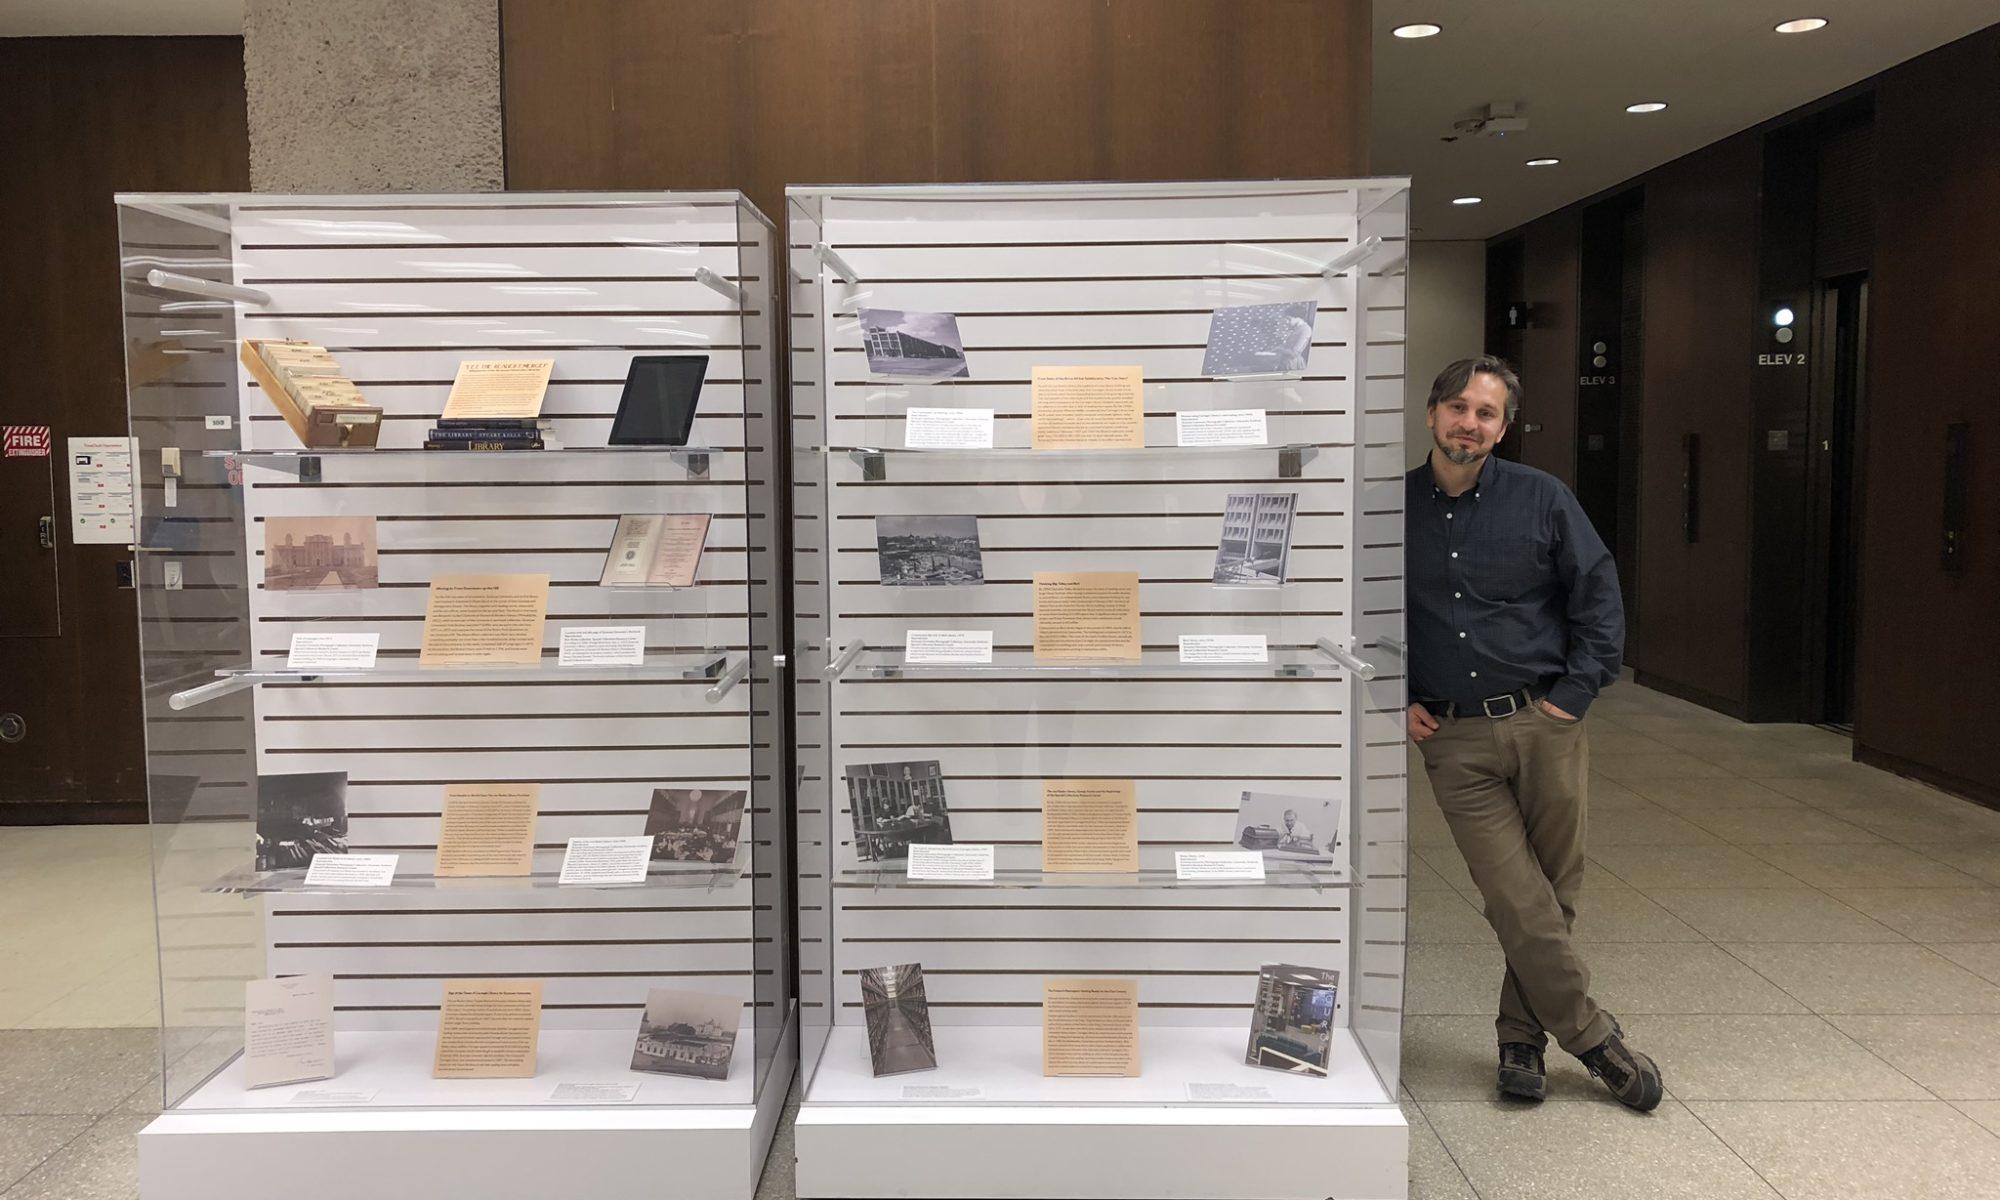 Sebastian Modrow standing next to exhibit cases